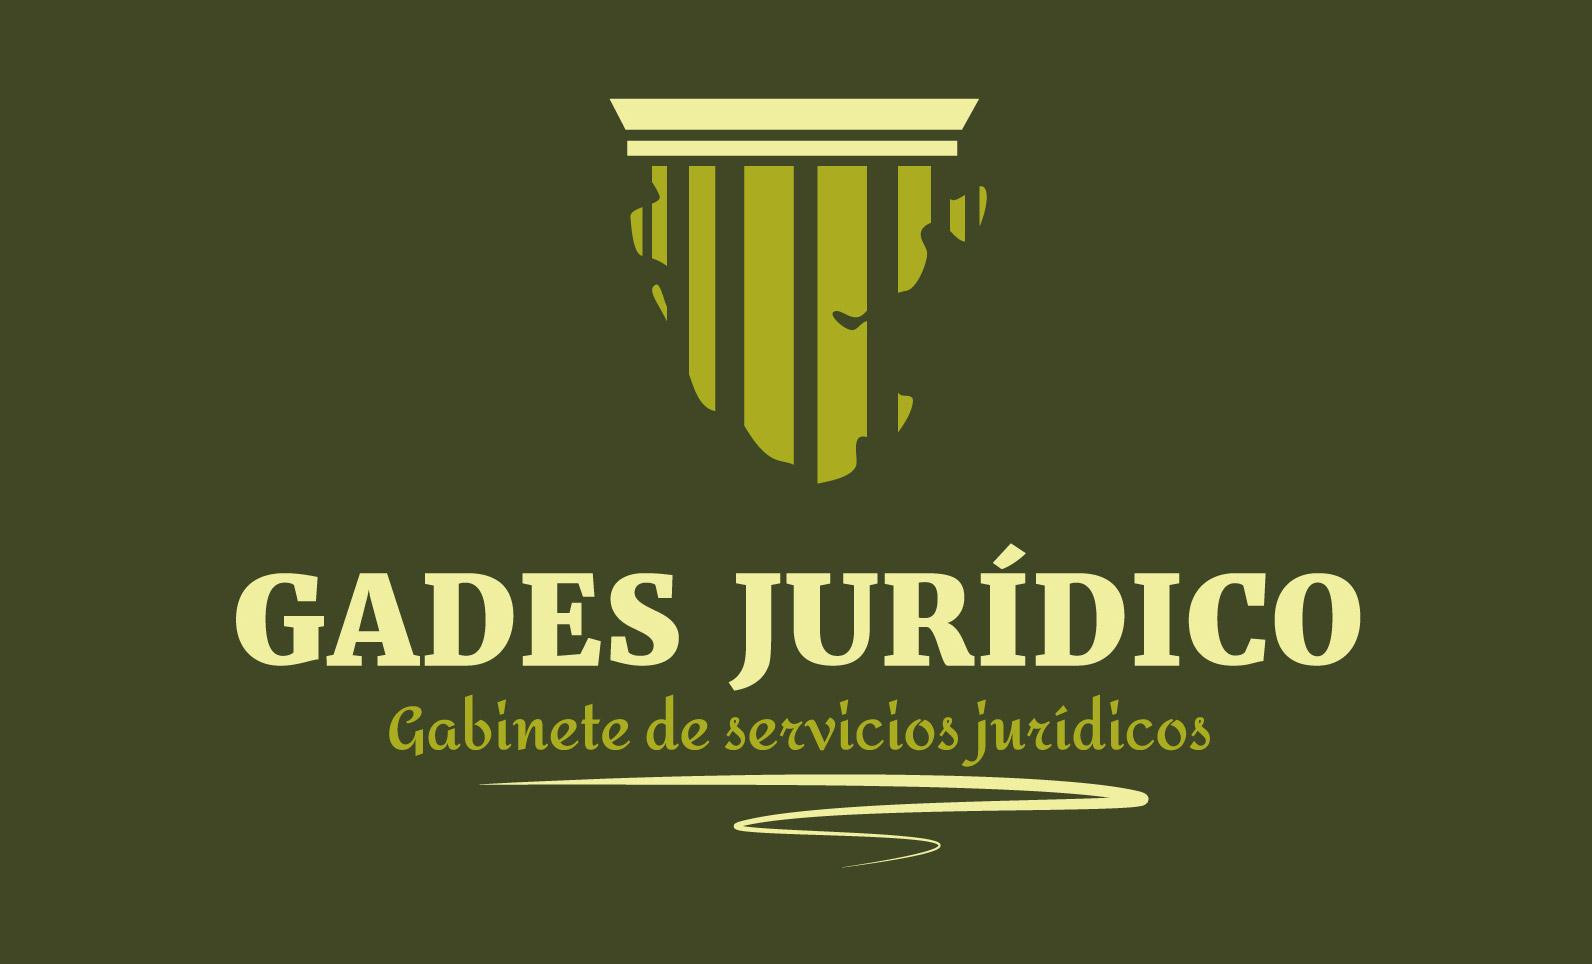 Gades Jurídico